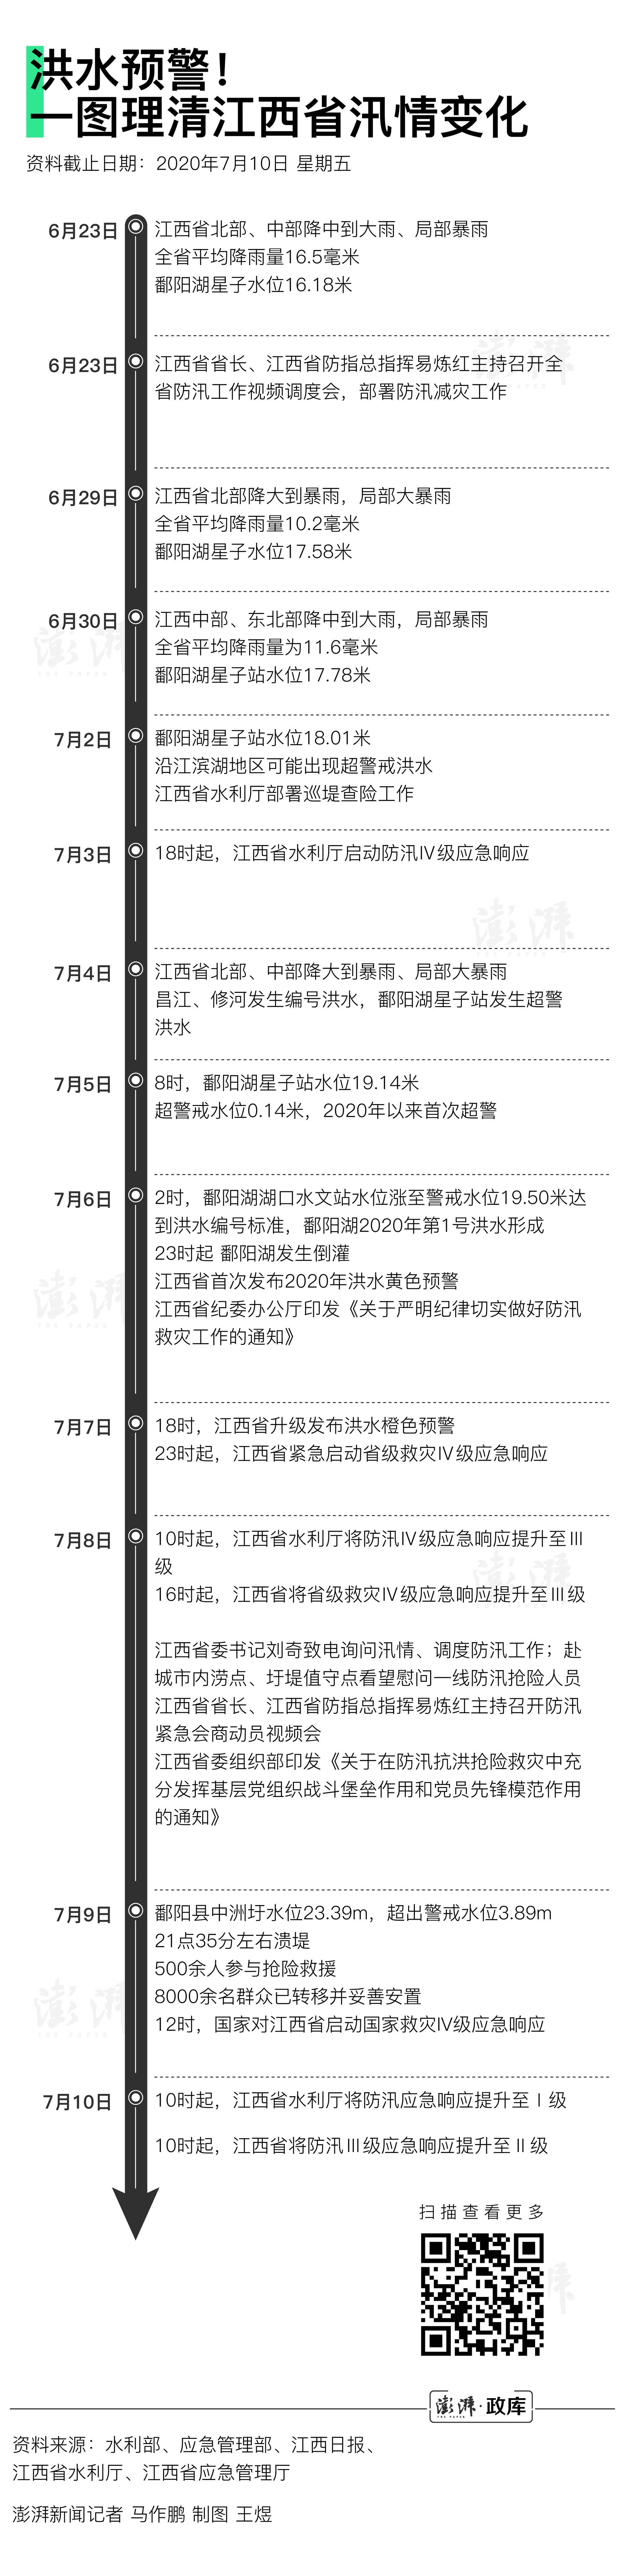 天富:洪水预警一图厘天富清江西汛情变图片